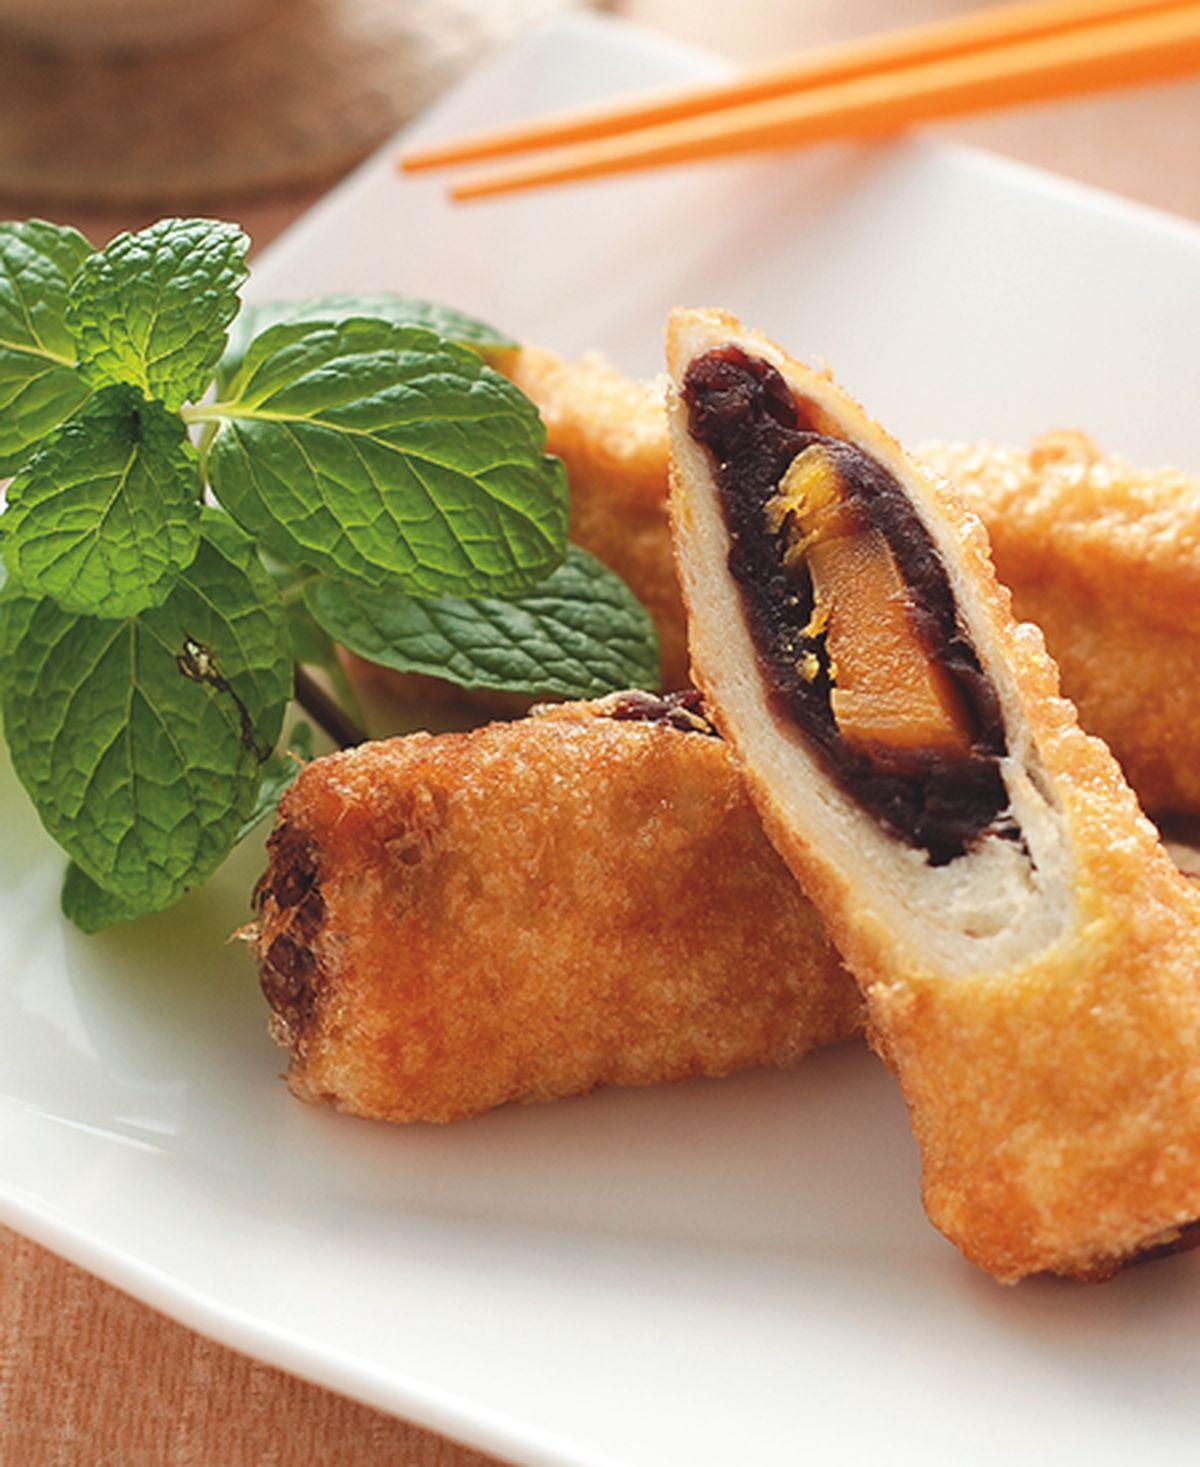 食譜:豆沙蛋黃卷